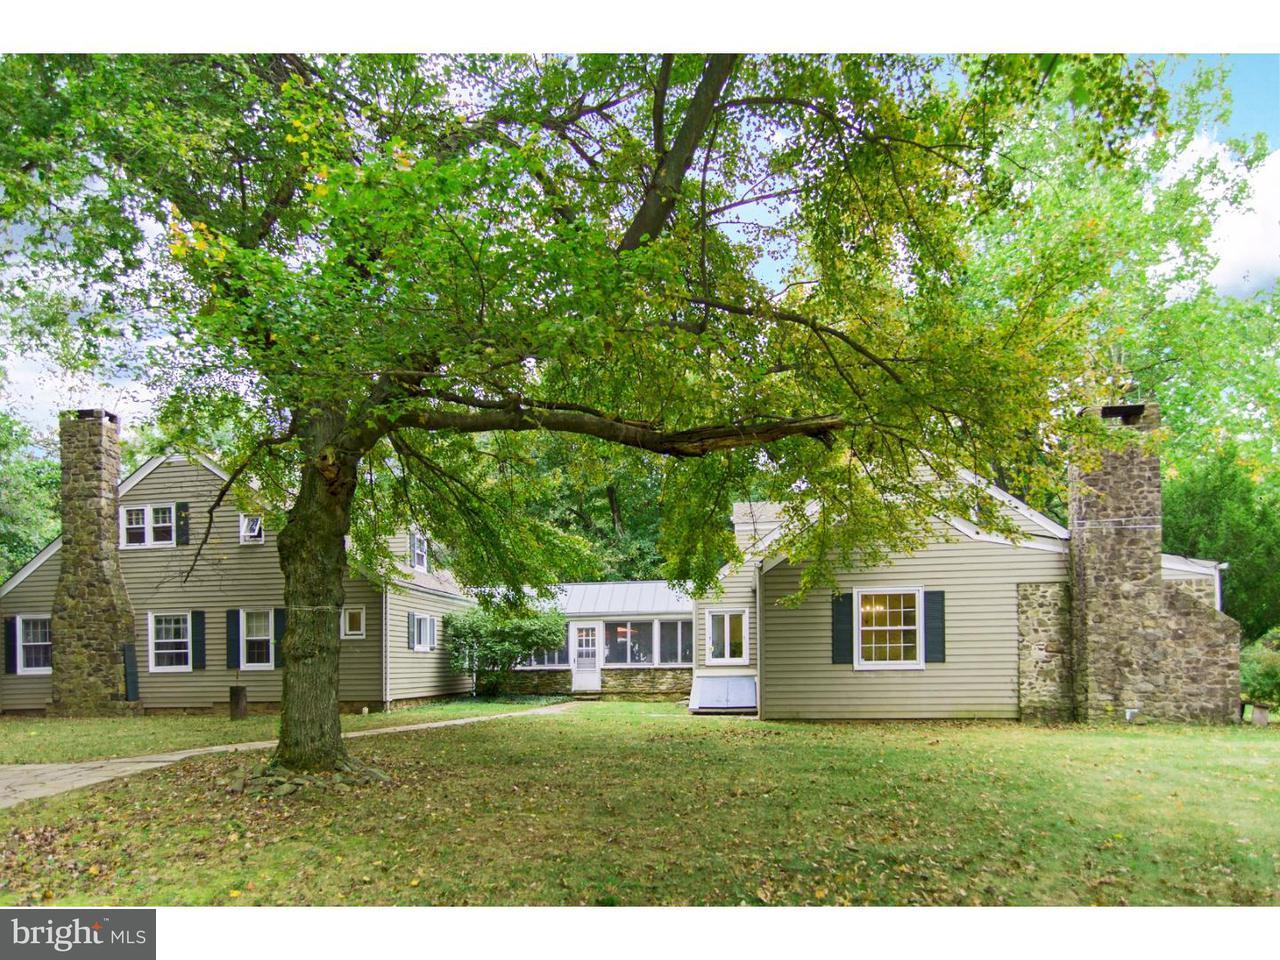 Vivienda unifamiliar por un Venta en 64 POOR FARM Road Pennington, Nueva Jersey 08534 Estados UnidosEn/Alrededor: Hopewell Township